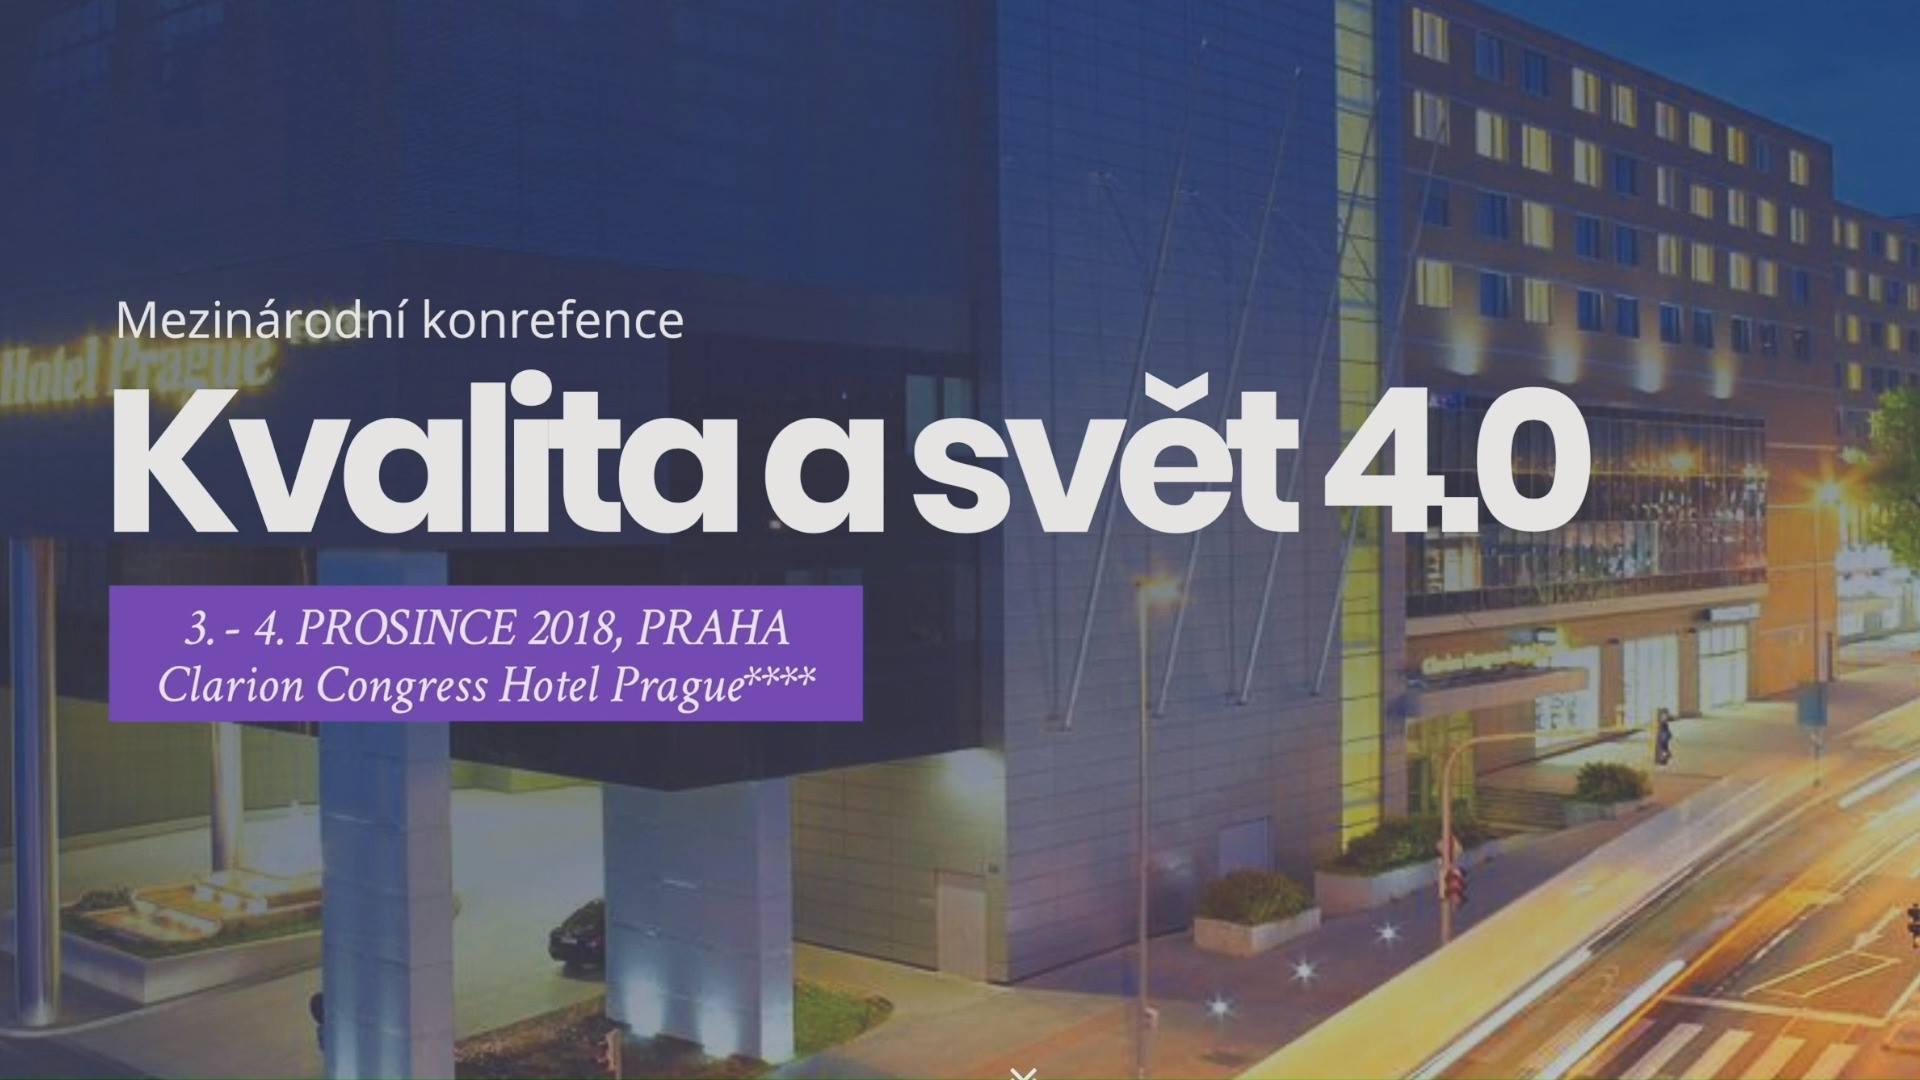 Mezinárodní konference Kvalita a svět 4.0